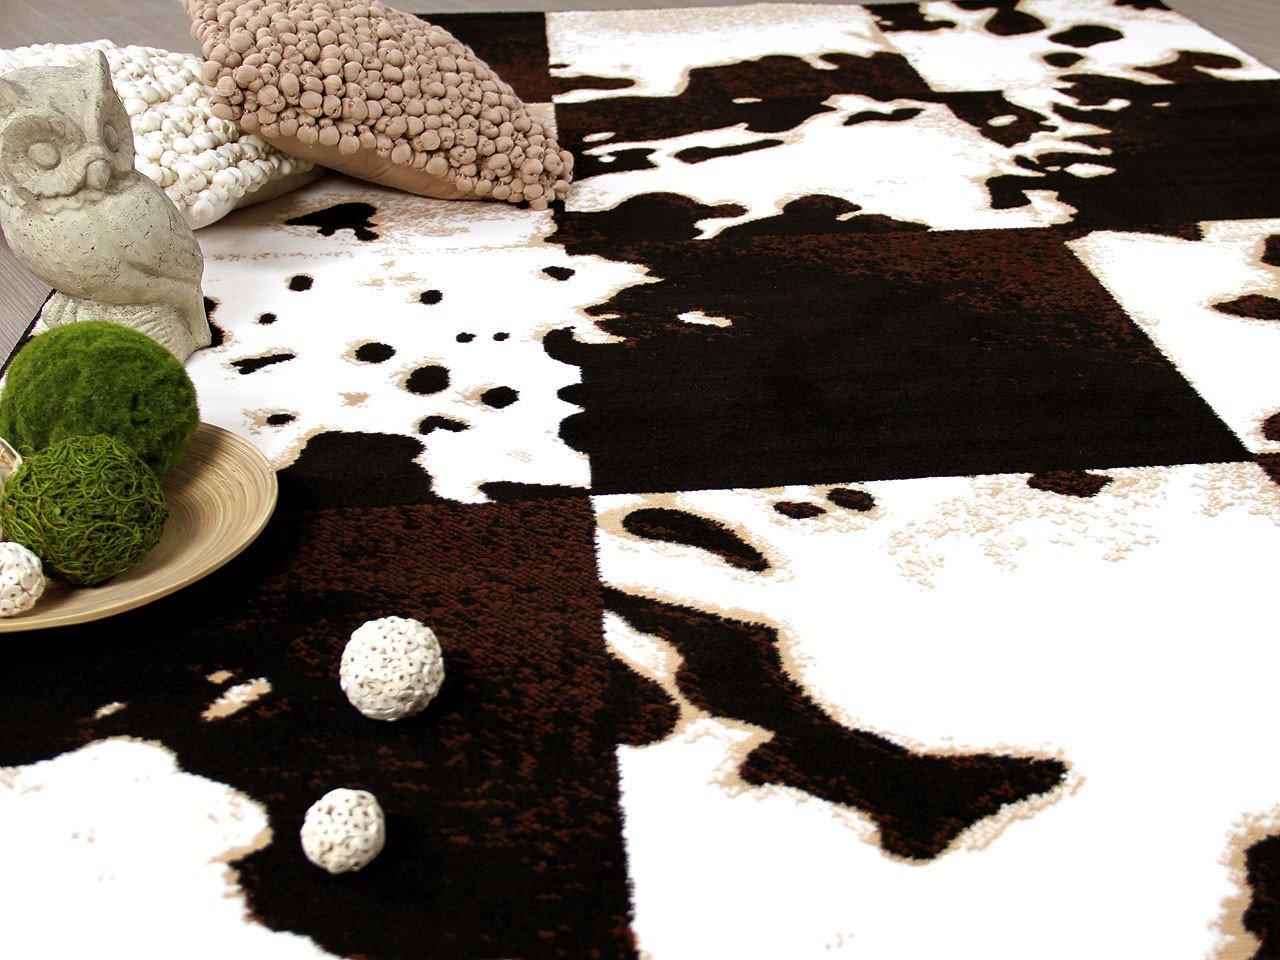 brun noir Tapis moderne 3 tailles disponibles peau de vache patchwork Pergamon Safari